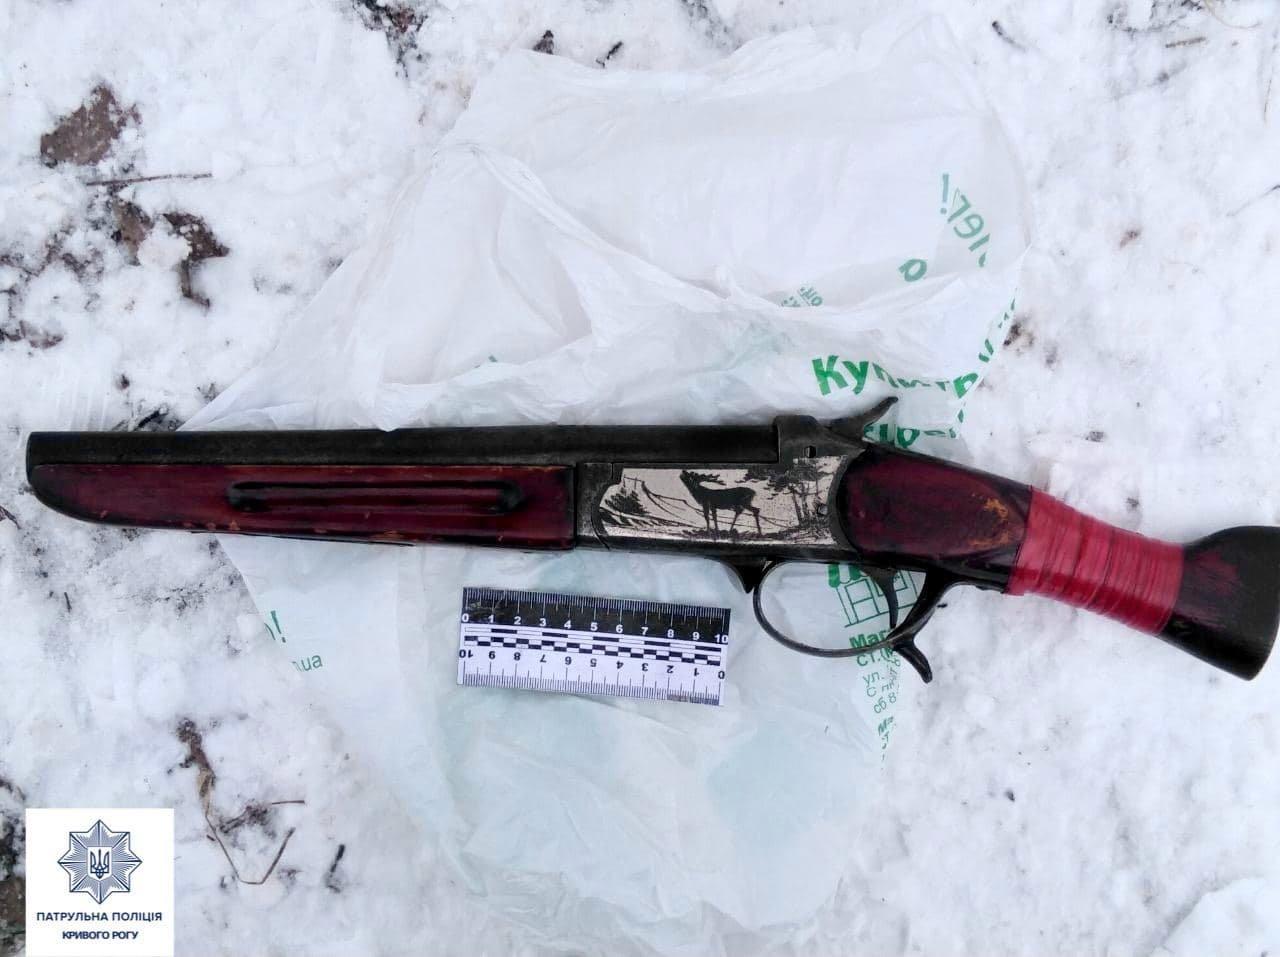 Криворожанин средь бела дня стрелял из ружья по бетонному забору, - ФОТО, фото-3